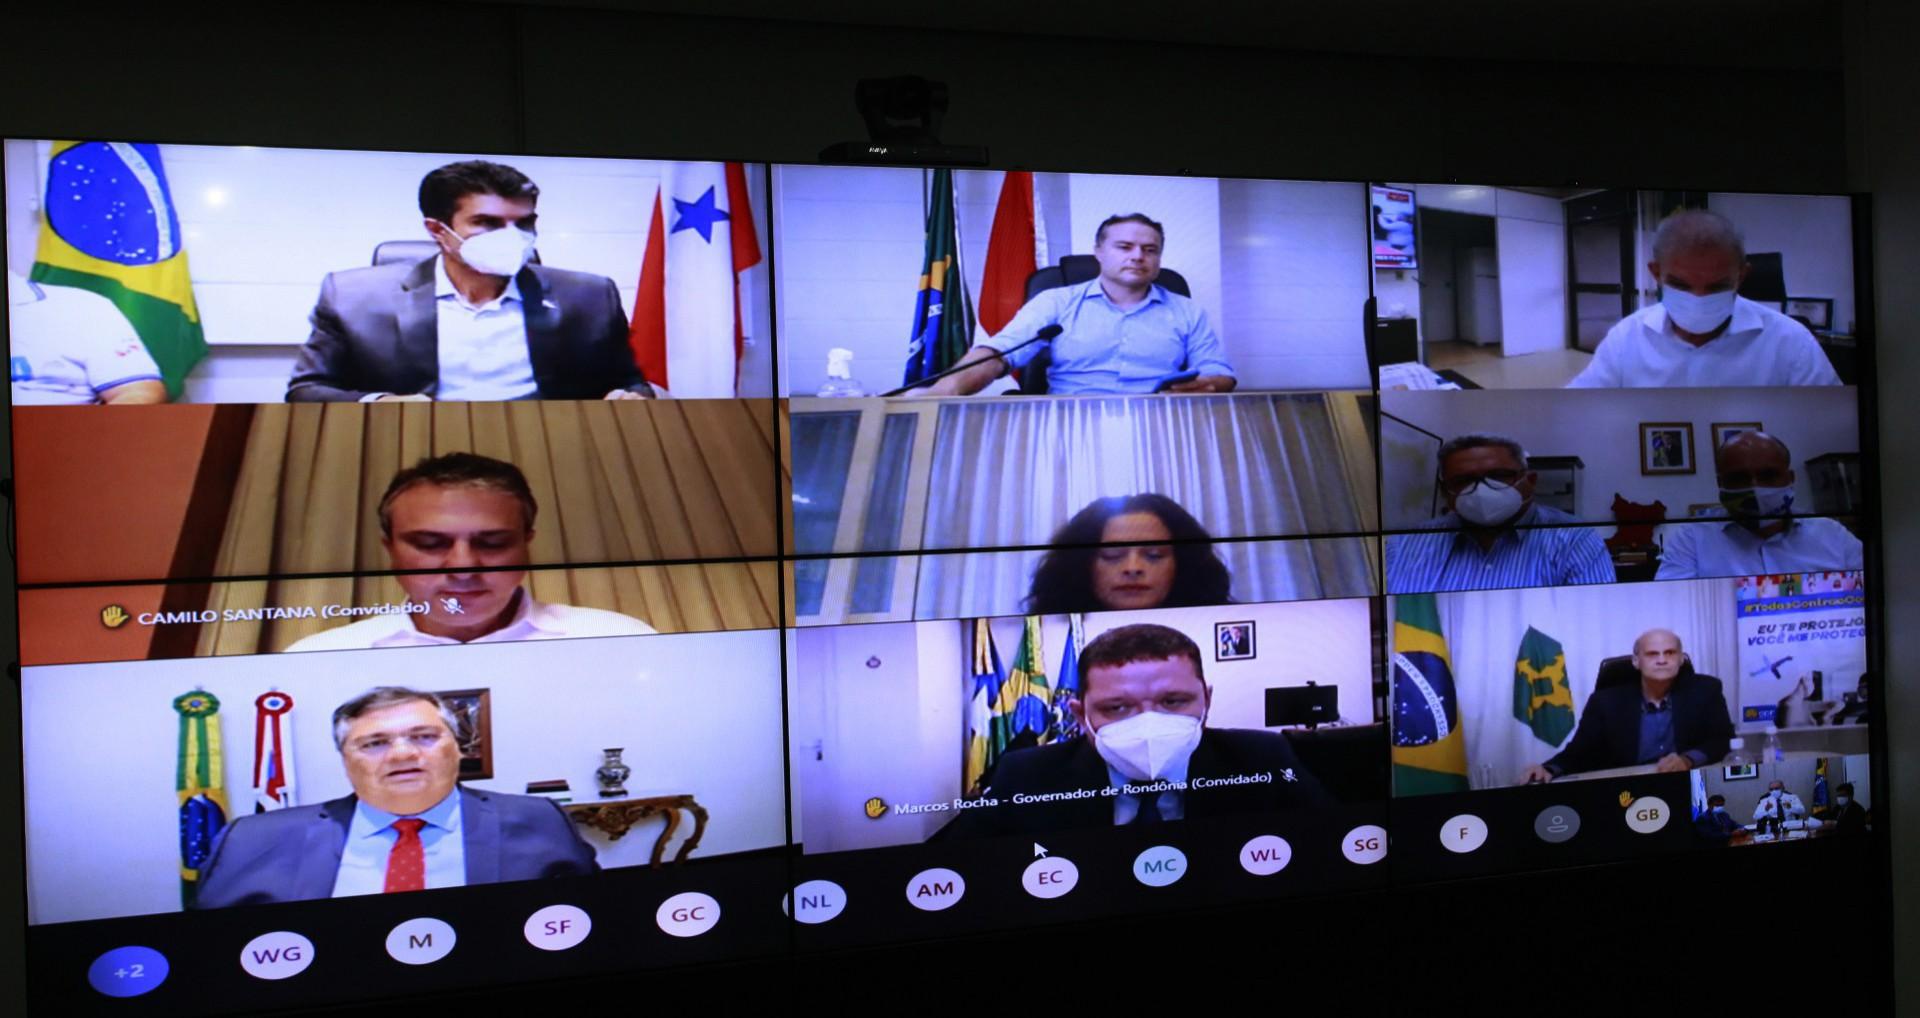 MINISTRO da Saúde, Marcelo Queiroga se reuniu com governadores do Nordeste na noite de ontem